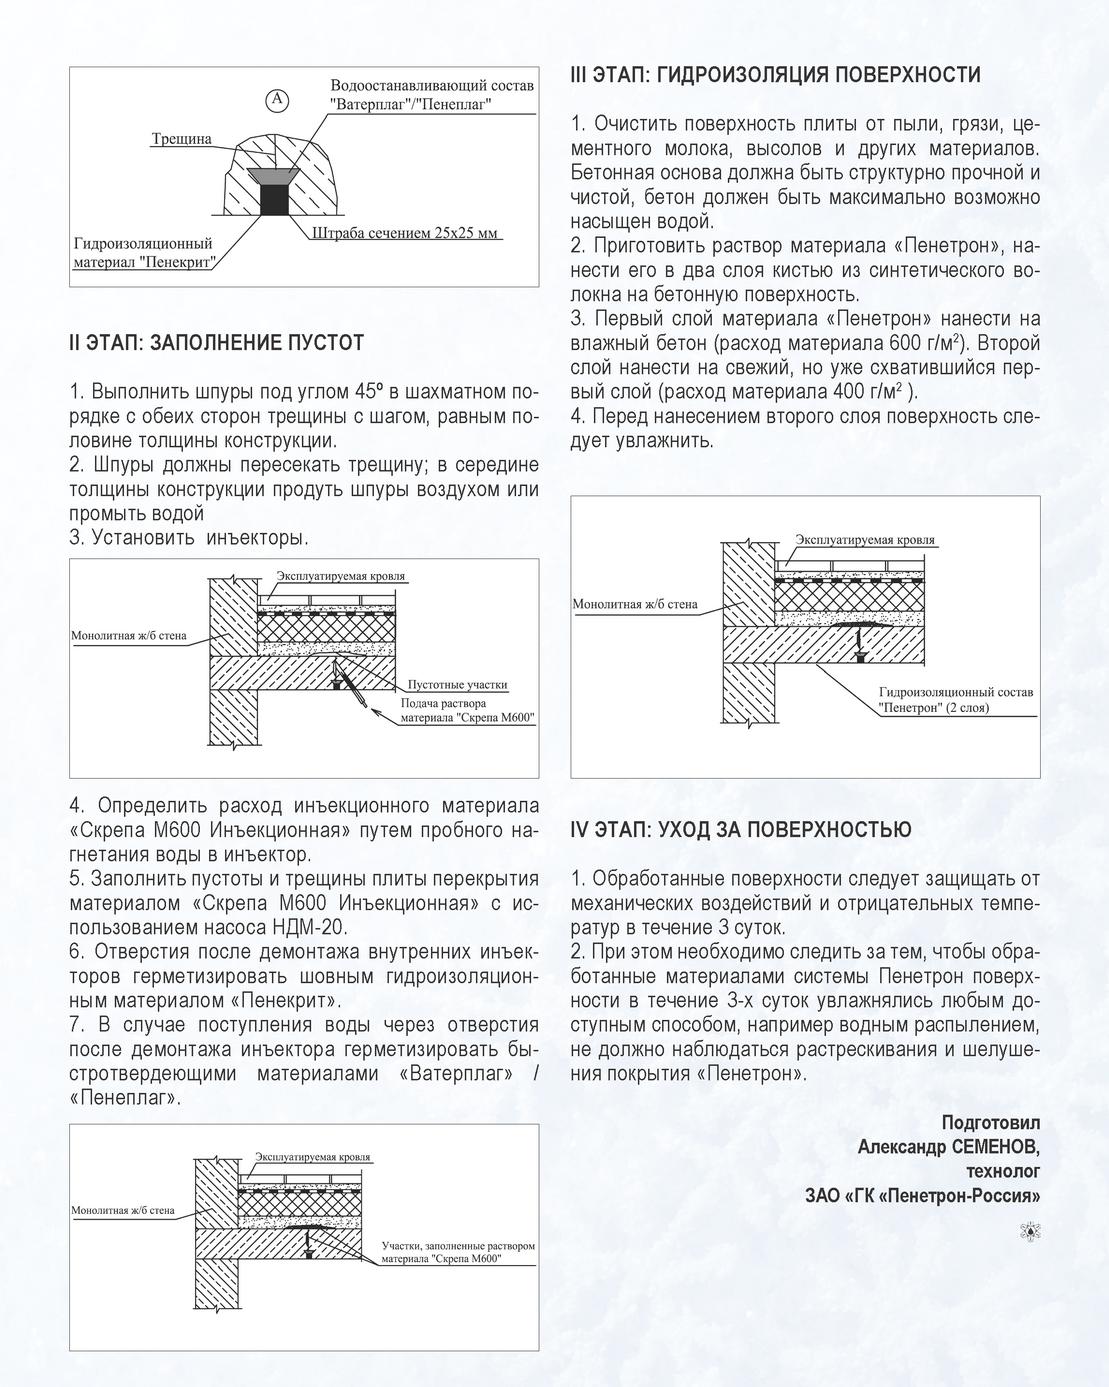 Инъекционные составы / пенесплитсил / пенепурфом / ускоритель пенепурадмикс